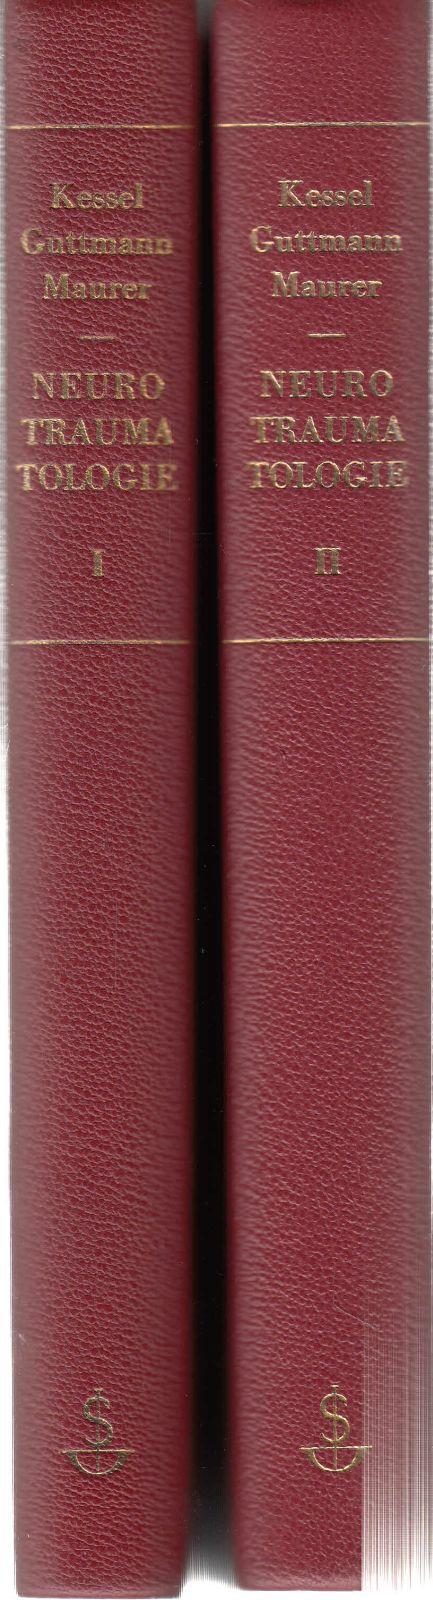 Emkendorf 1190-1790: Eine landeskundliche und baugeschichtliche Arbeitsstudie.: Saeftel, Friedrich